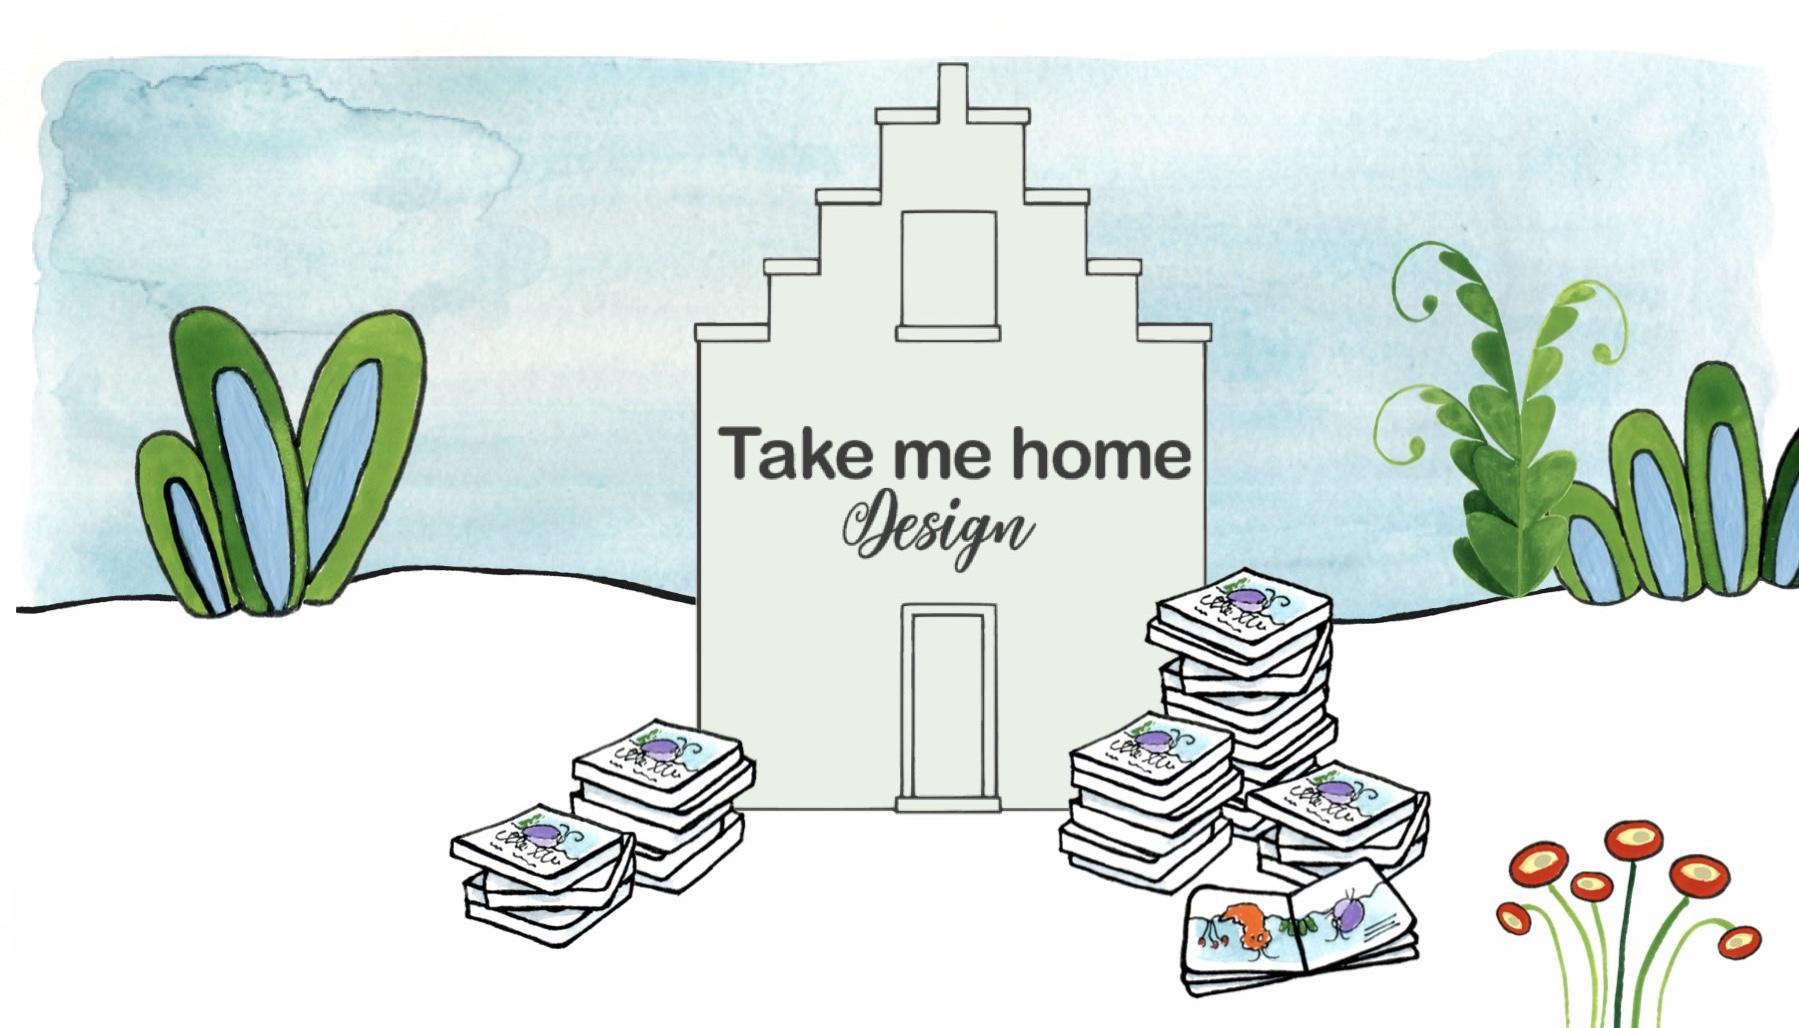 nieuw verkooppunt Take me home design